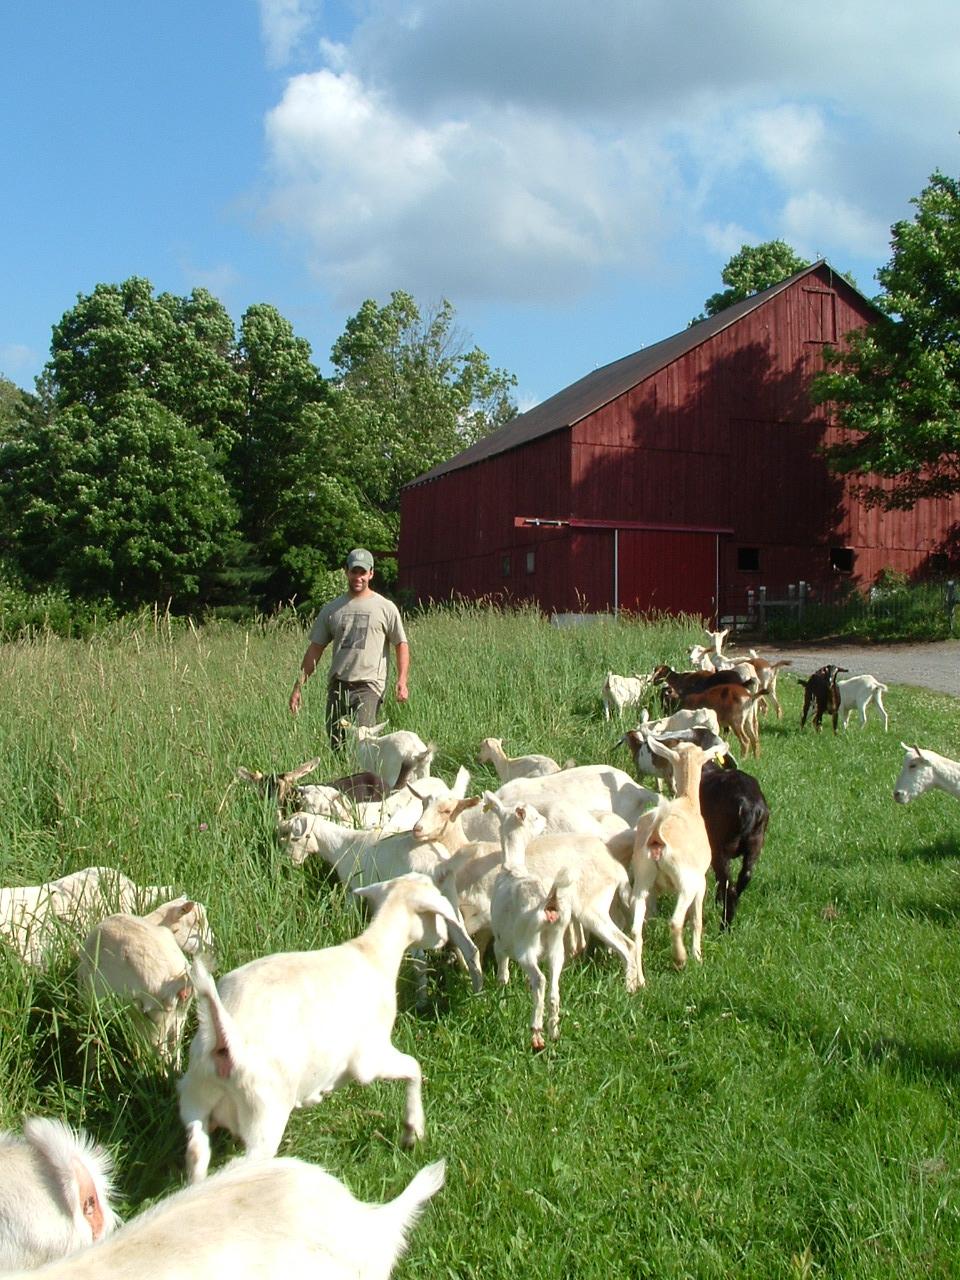 Pablo & Goats in Field2.JPG